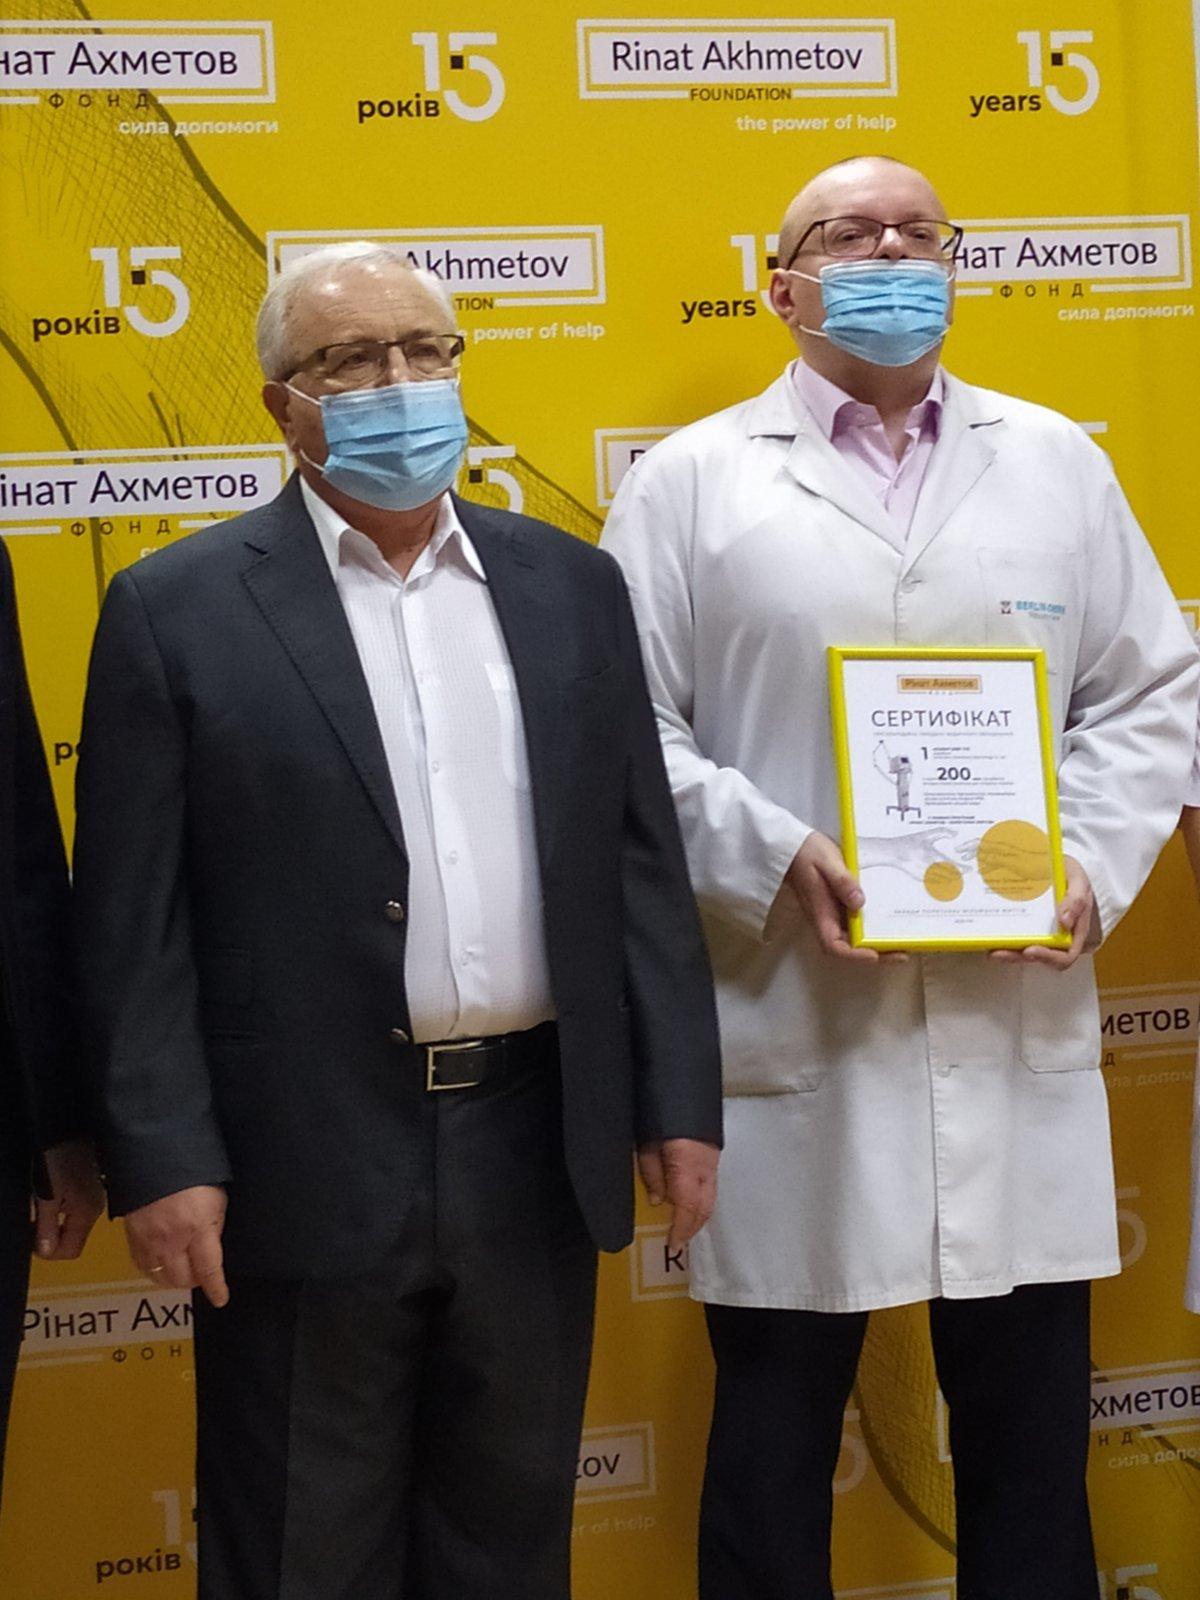 Юрій Вілкул: Ми мобілізували всі ресурси для захисту криворіжців та допомоги медикам у боротьбі з вірусом. Криворізькі лікарні продовжують..., фото-5